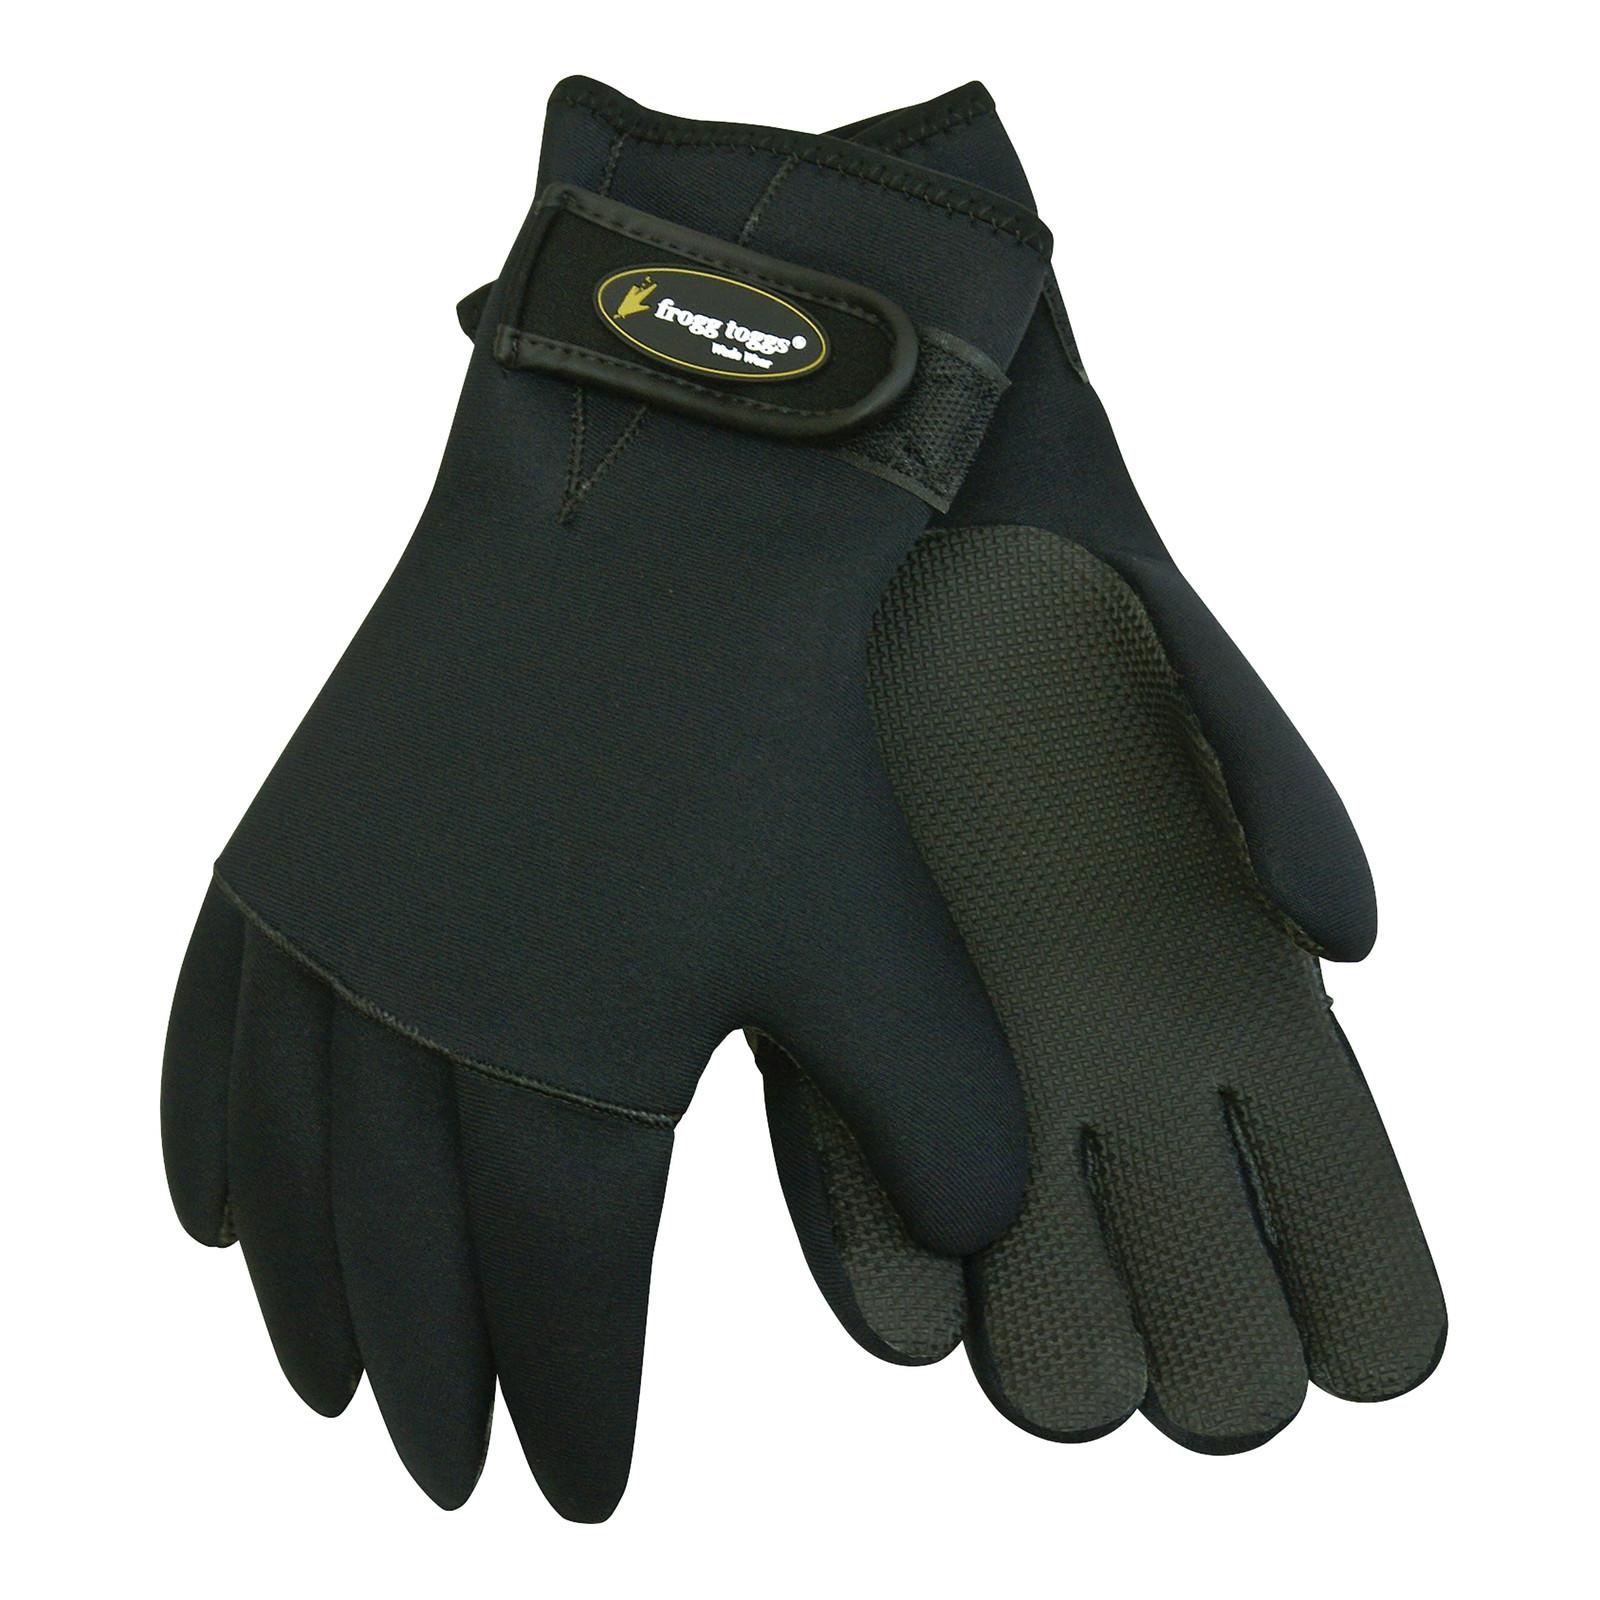 Frogg Fingers 3.5mm Neoprene Gloves | Black